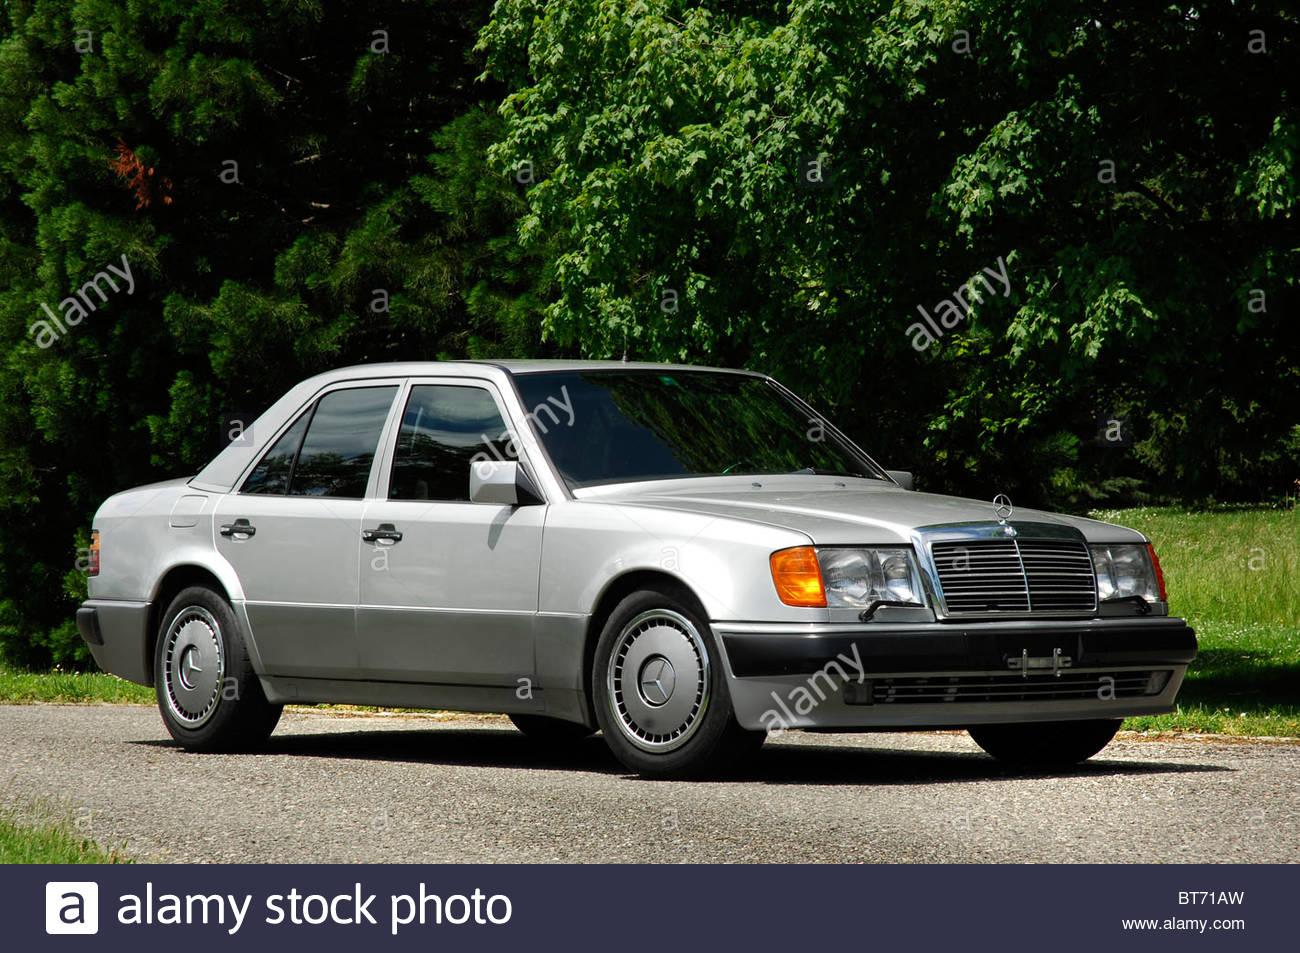 Mercedes benz 500e 1990 stock photo royalty free image for Mercedes benz 500 e